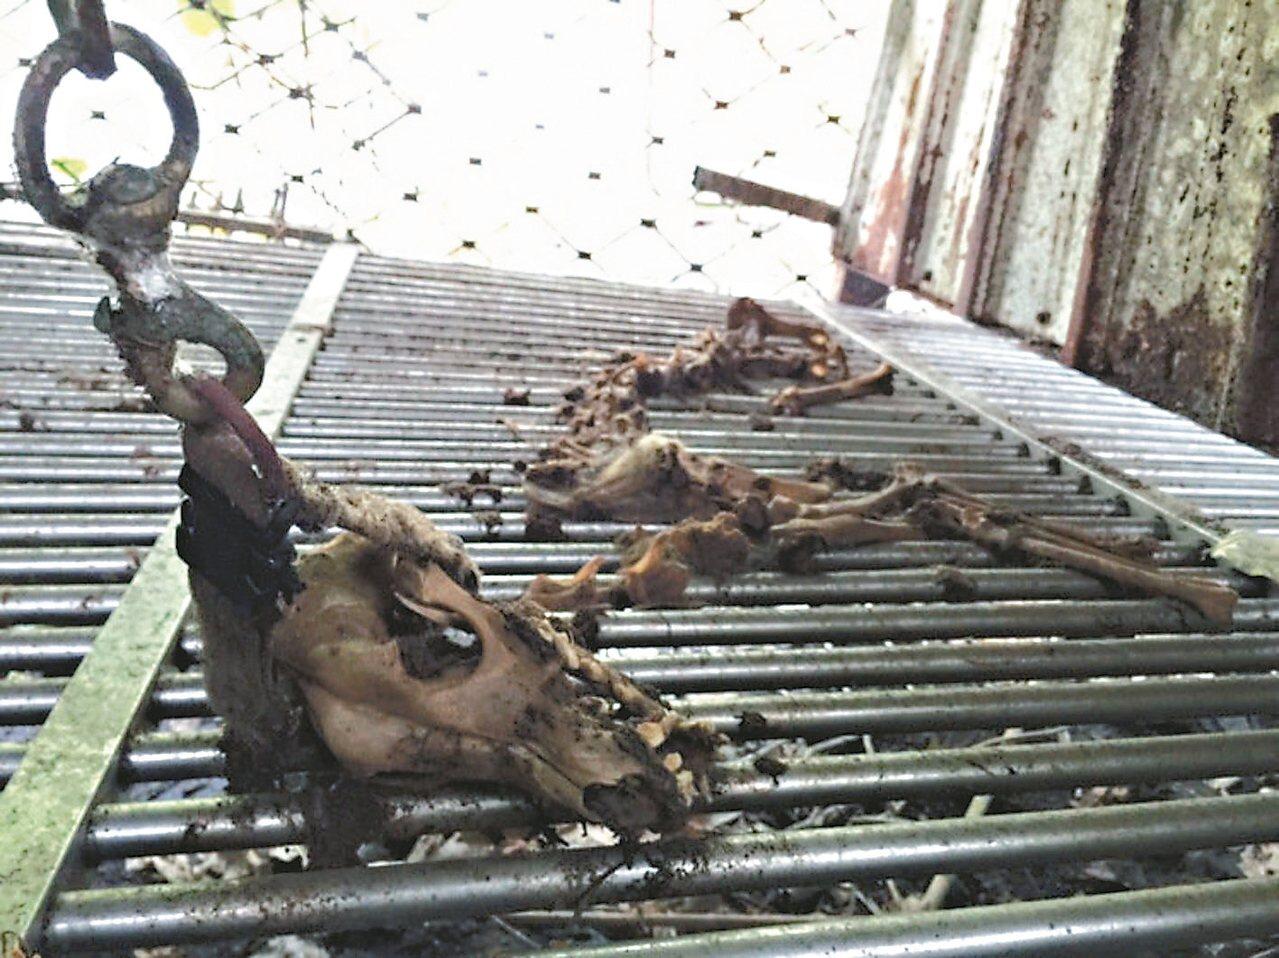 動保處去年12月查獲非法繁殖場,負責人吳朝權涉嫌虐待動物致死,但因證據不足不起訴...